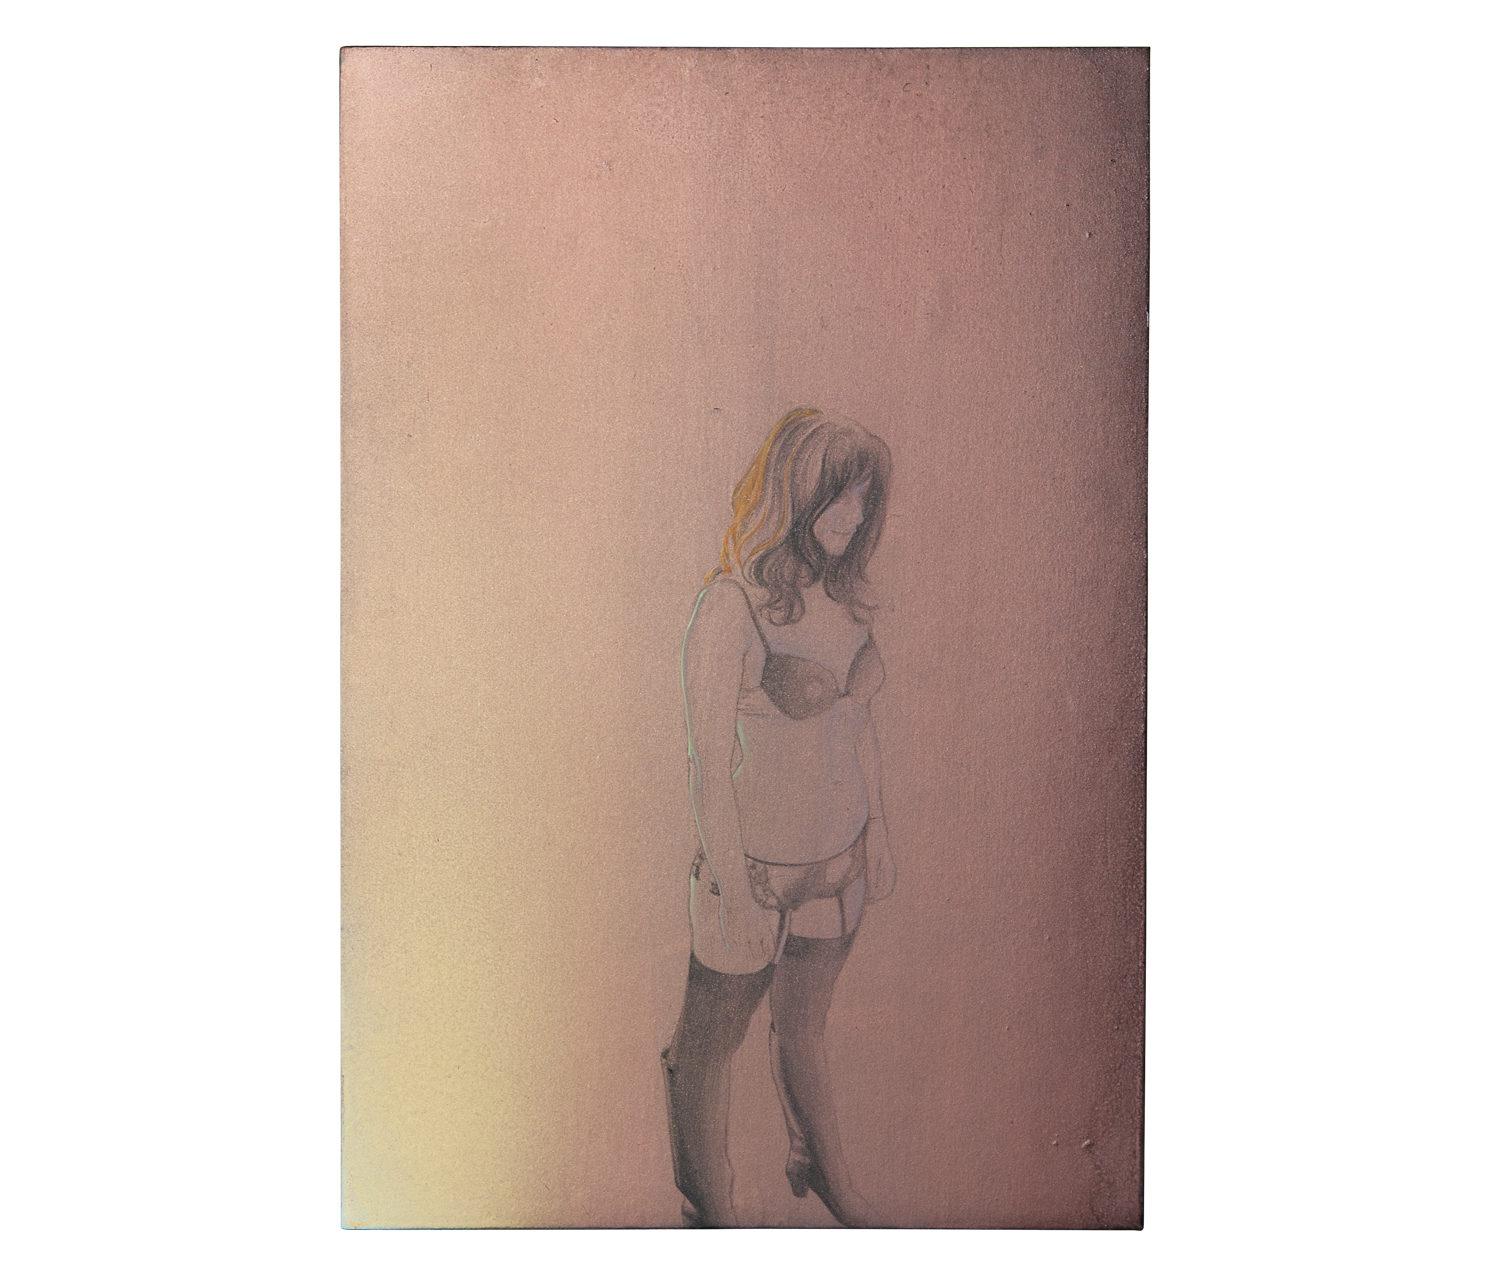 Studio 1 per Mrs. R. 2013 - (disegno preparatorio) - cm 25x37 - disegno, colori acrilici su carta su legno